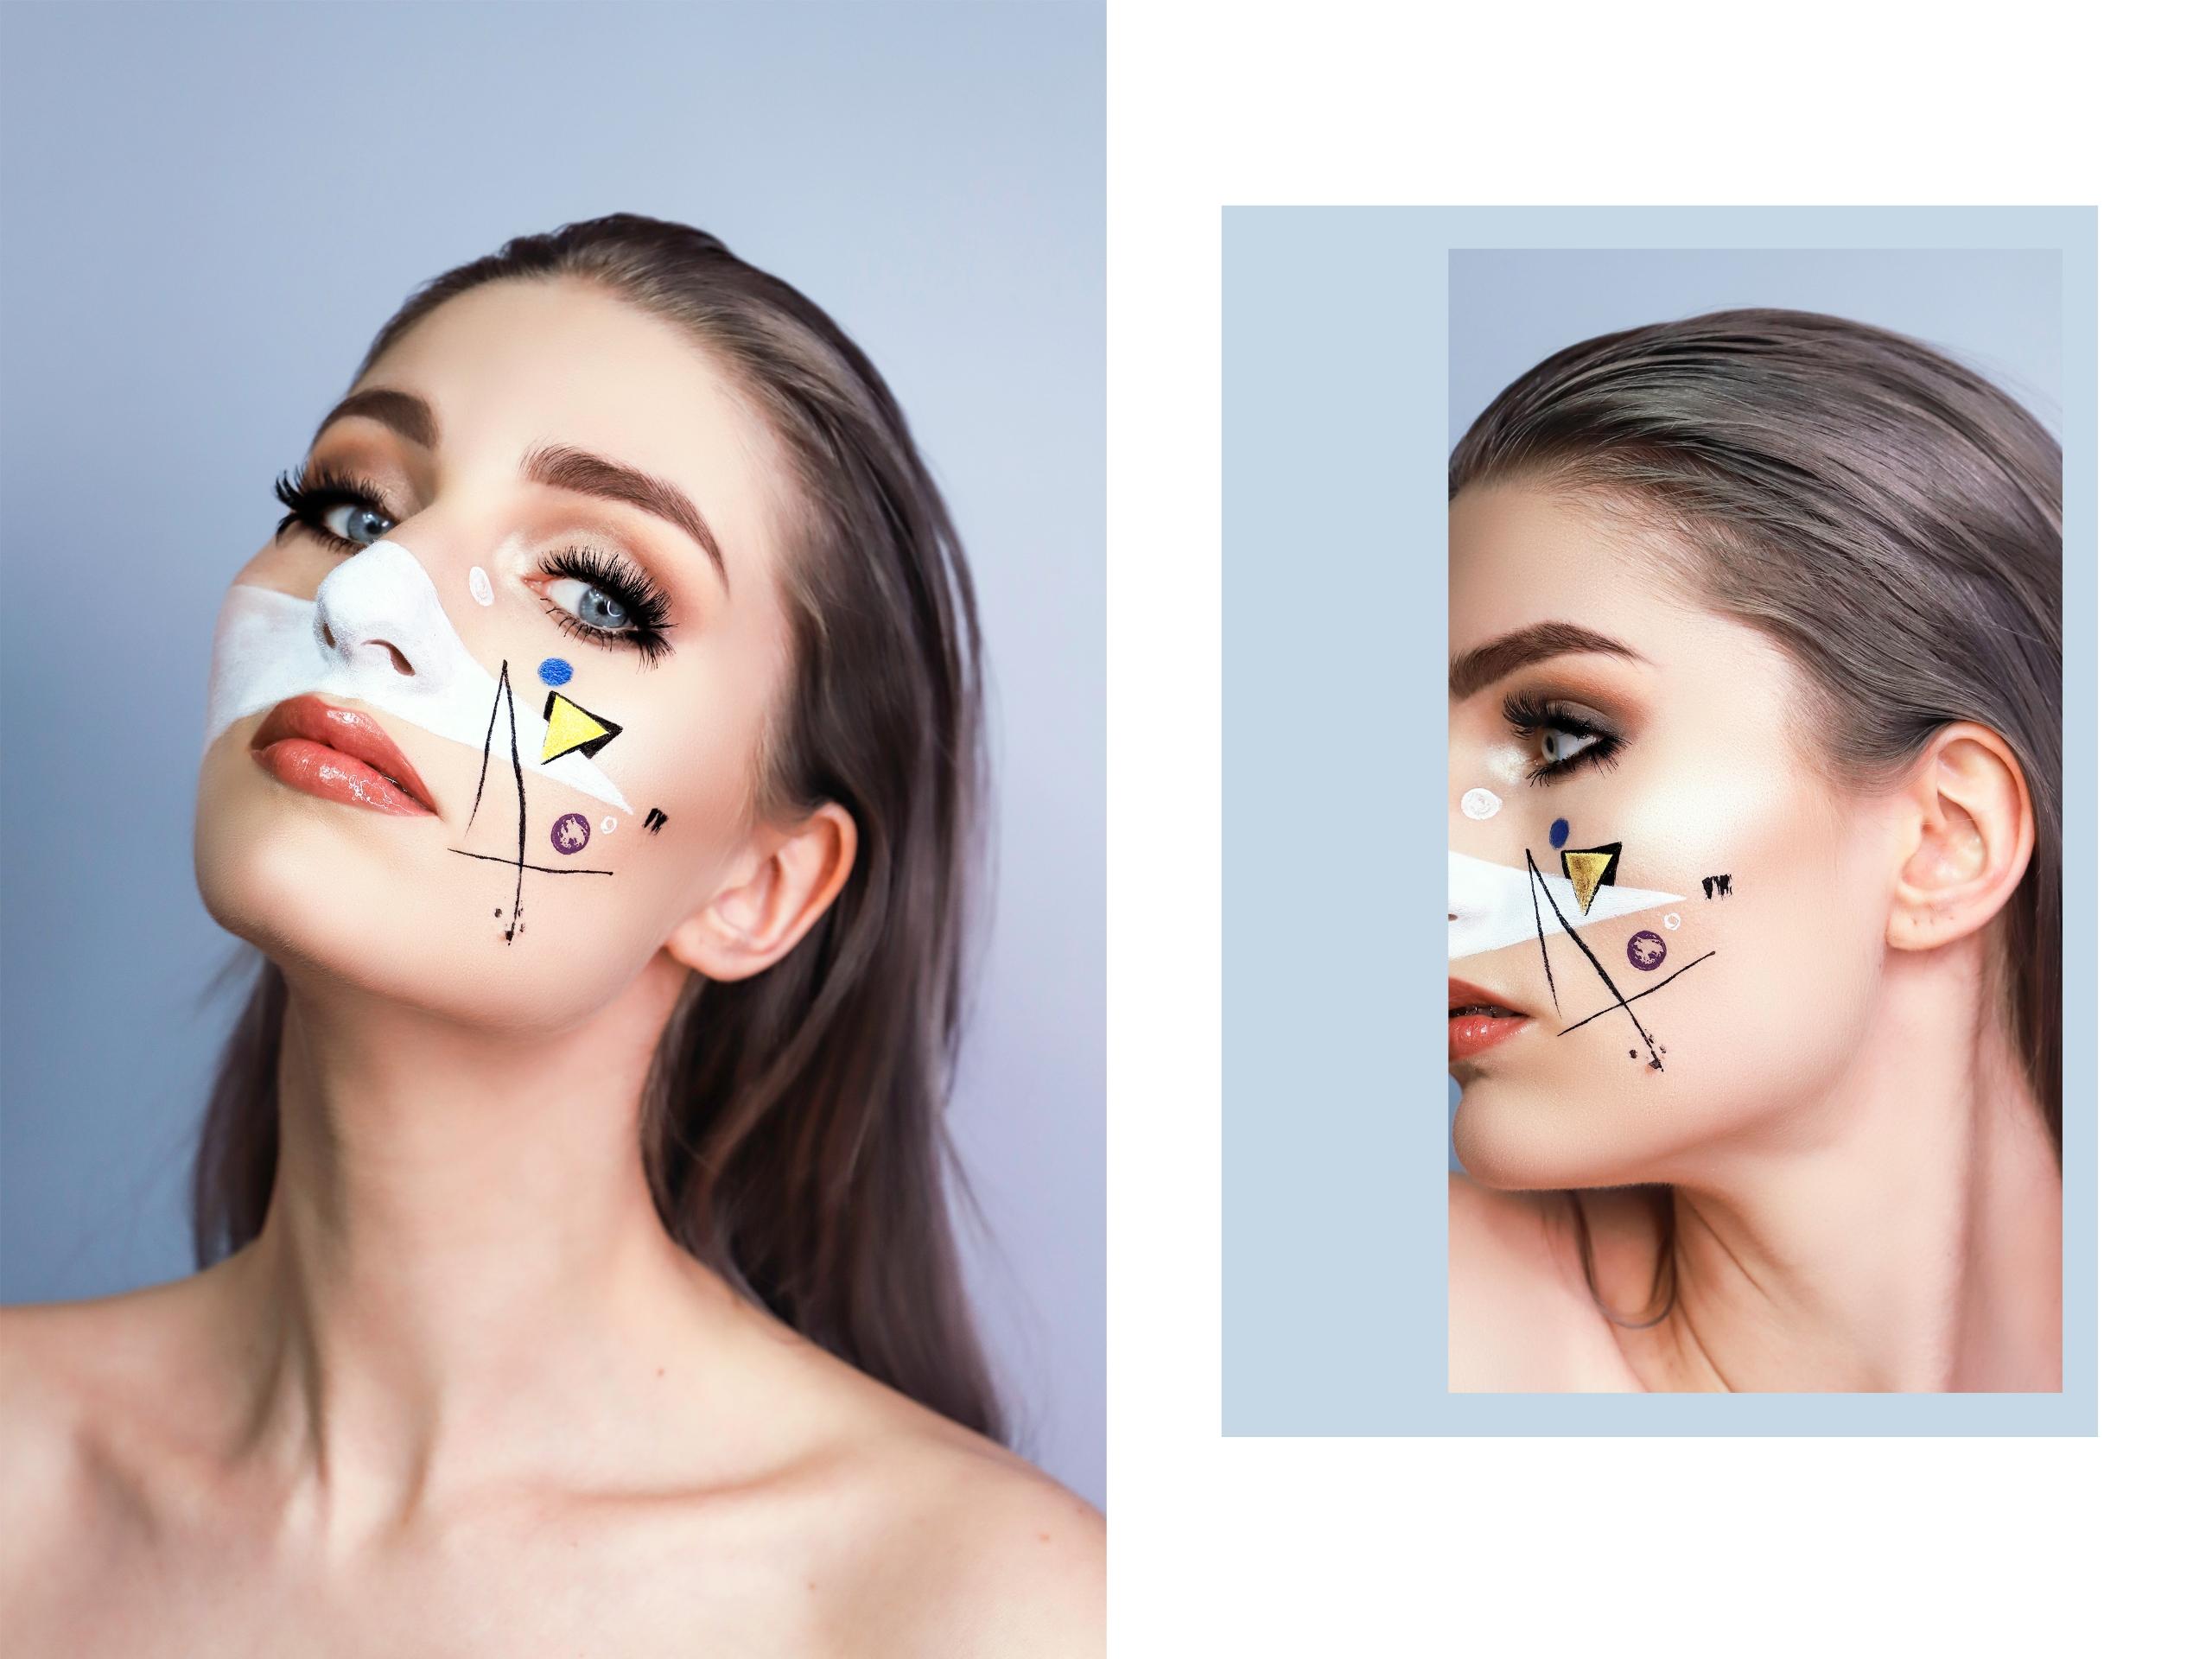 Obraz przedstawia dwie fotografie twarzy kobiety w artystycznym makijażu na szarym tle.